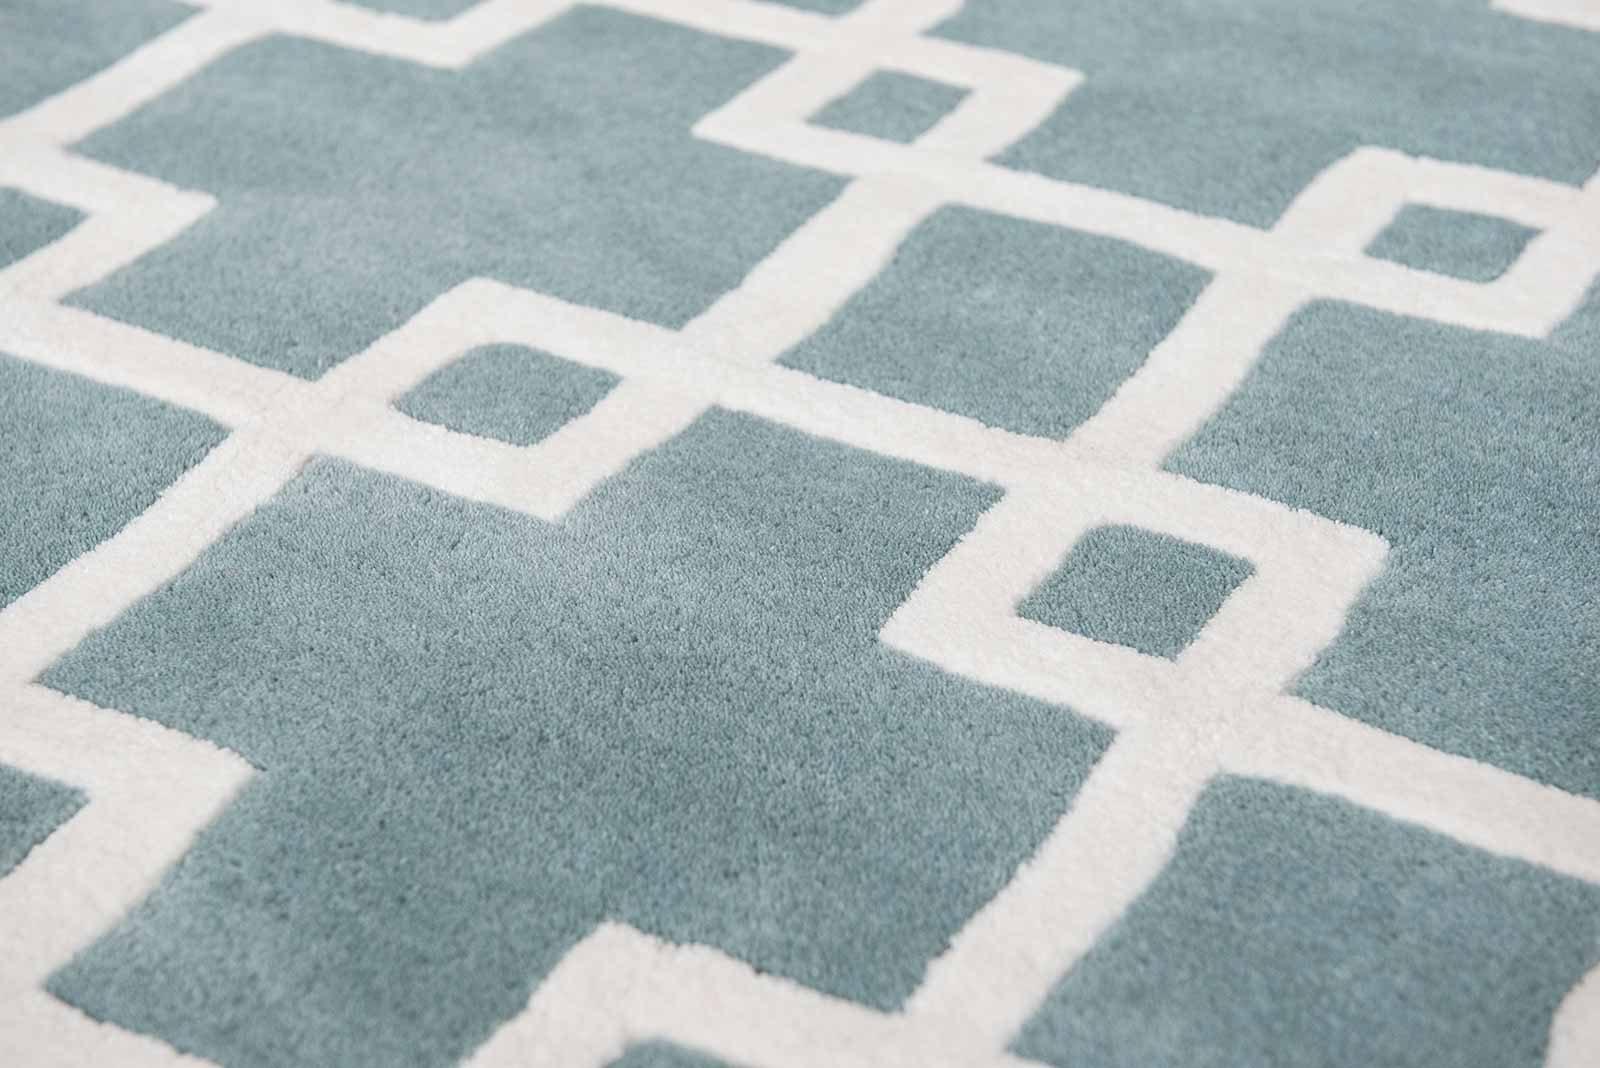 Louis De Poortere tapijt Romo LX 2011 Cubis Agate zoom 4